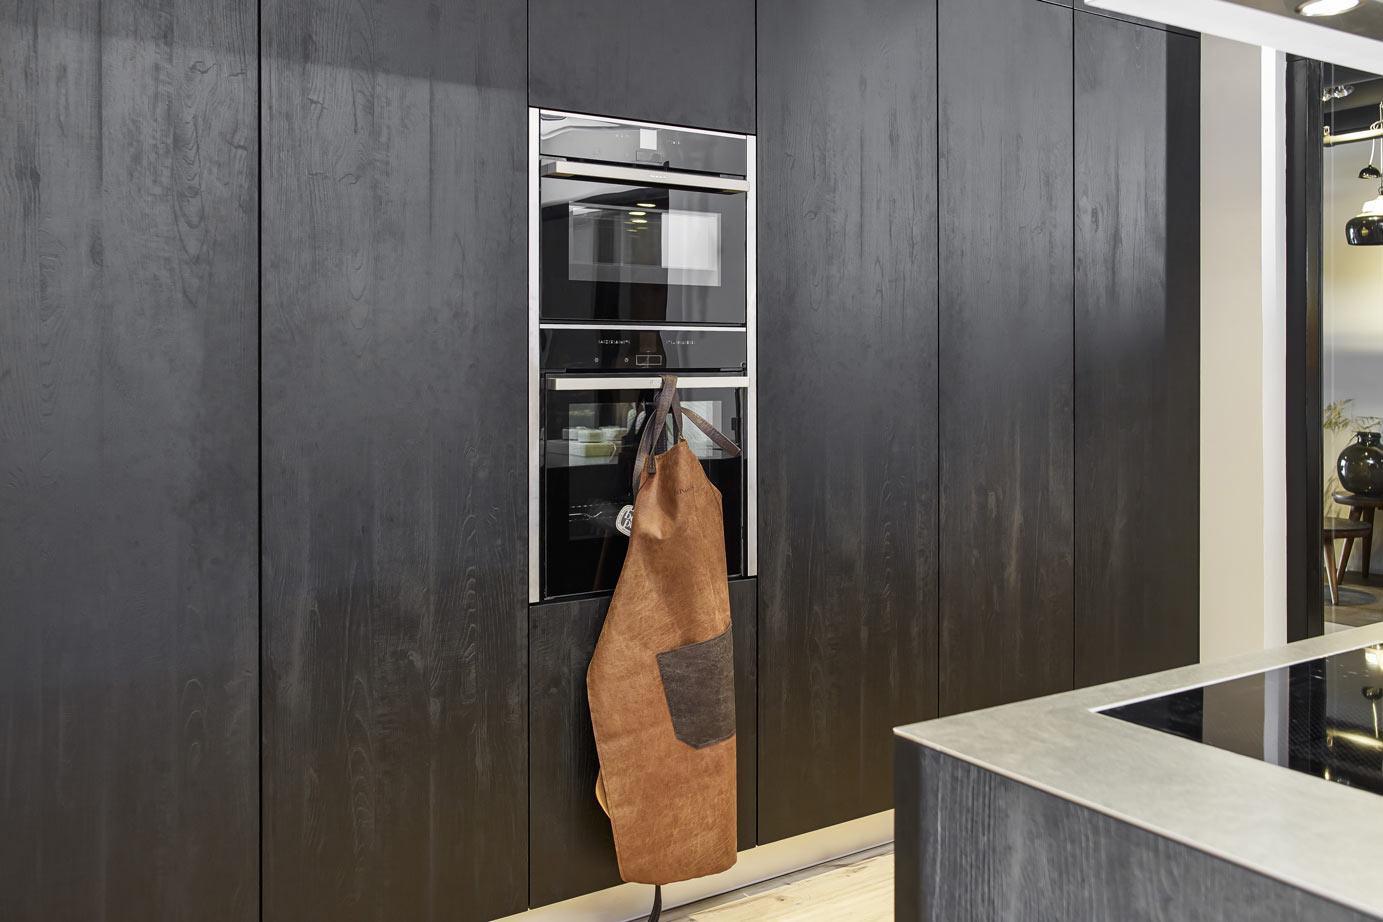 Keuken Moderne Zwart : Zwarte keuken met kookeiland bekijk foto s en prijzen db keukens